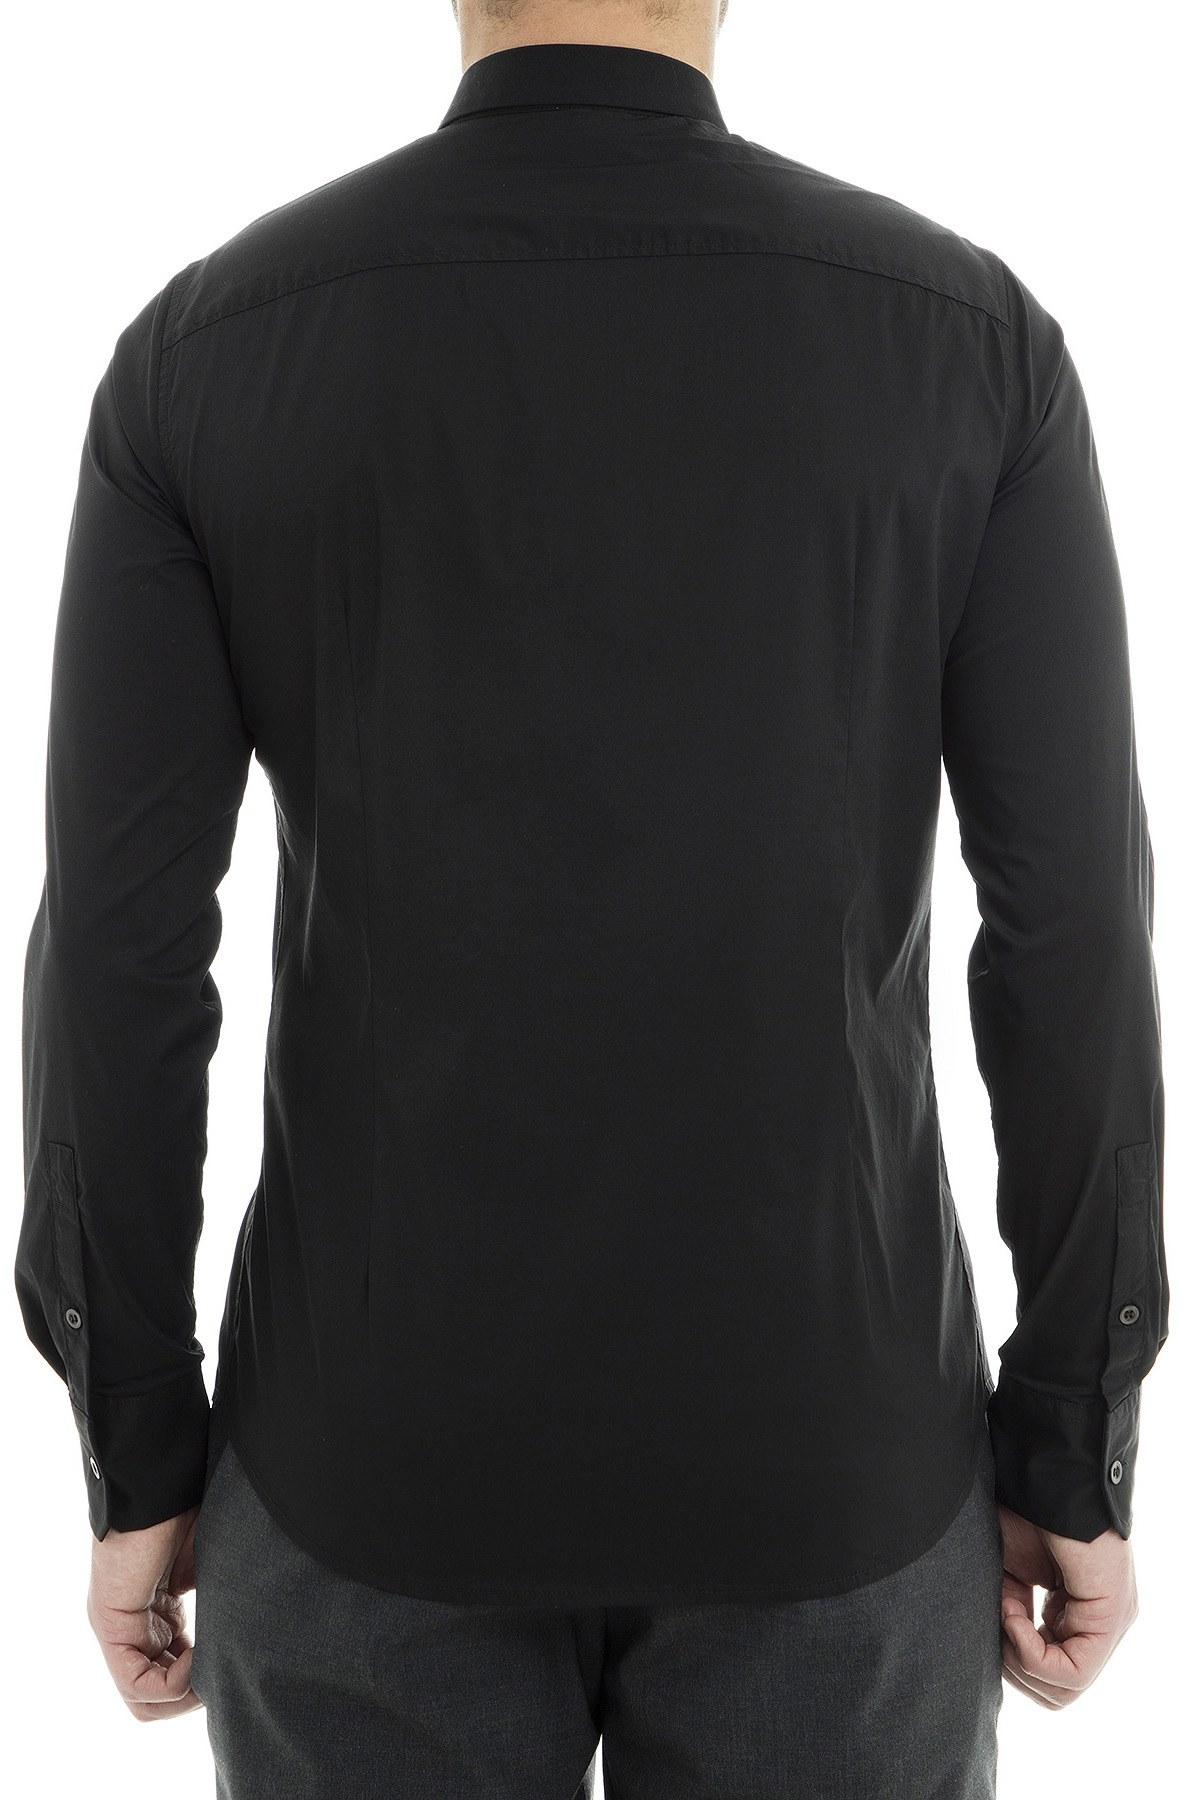 Emporio Armani Erkek Gömlek 3G1CL4 1NHUZ 0999 SİYAH